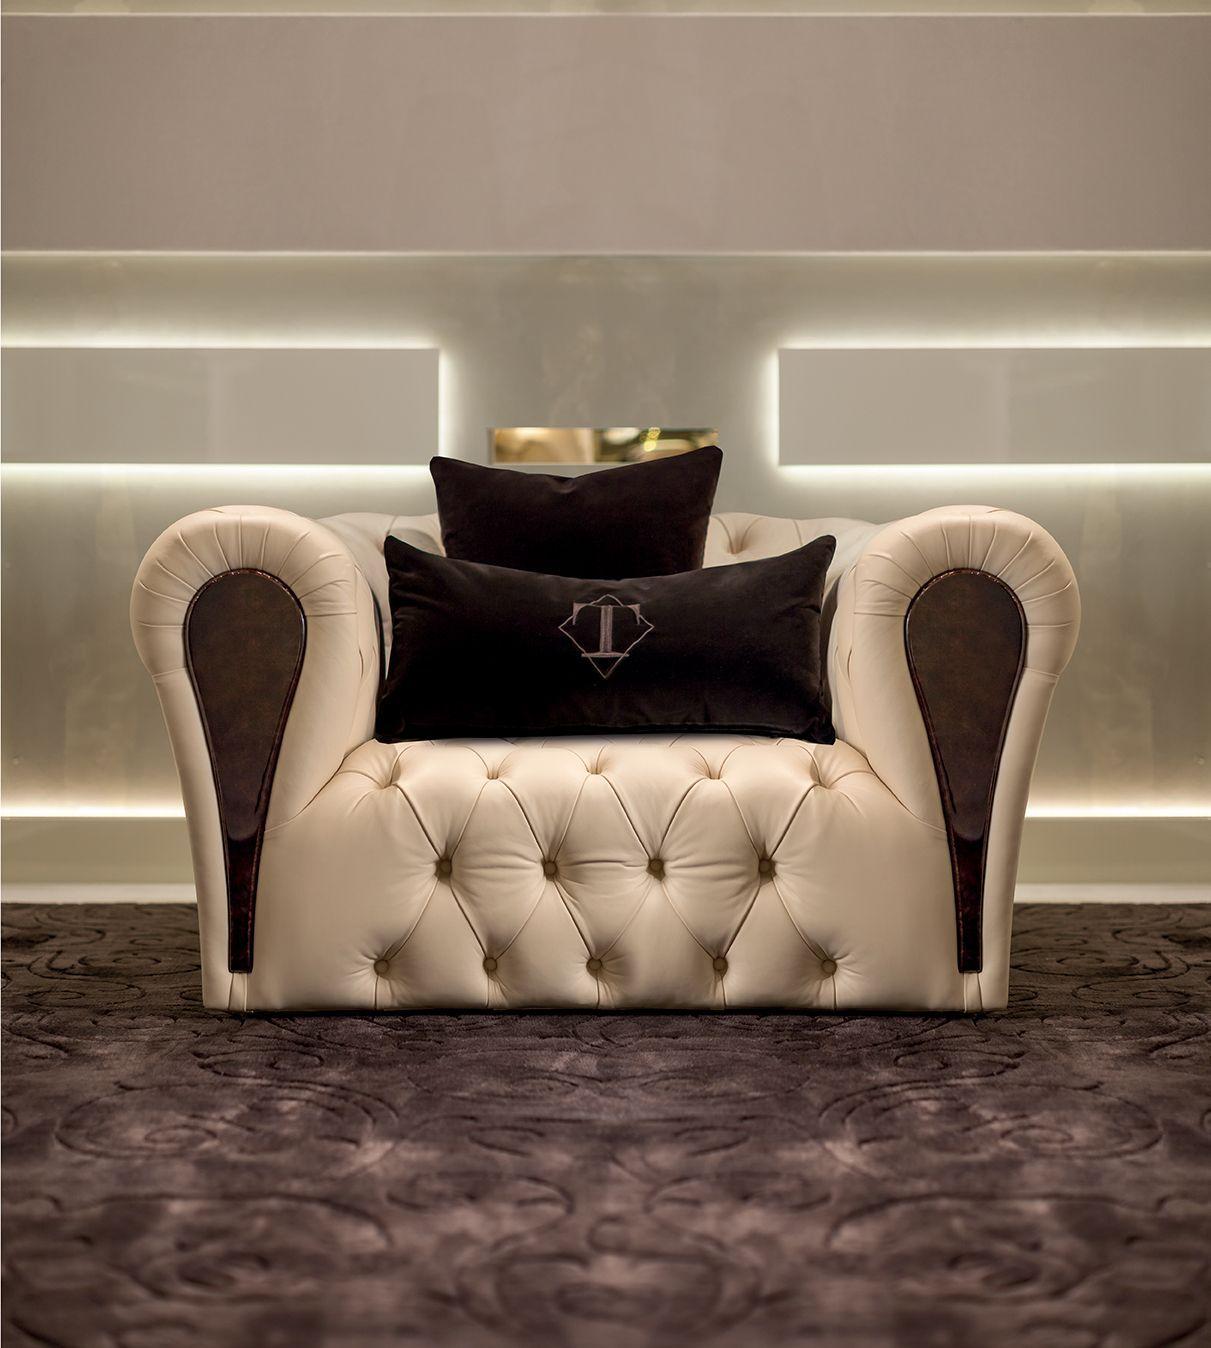 Idees De Fauteuils Et Canape Pour Votre Salon Laissez Vous Inspirer Voir Plus En Cliquant Sur L Image Italian Sofa Designs Luxury Furniture Sofa Furniture